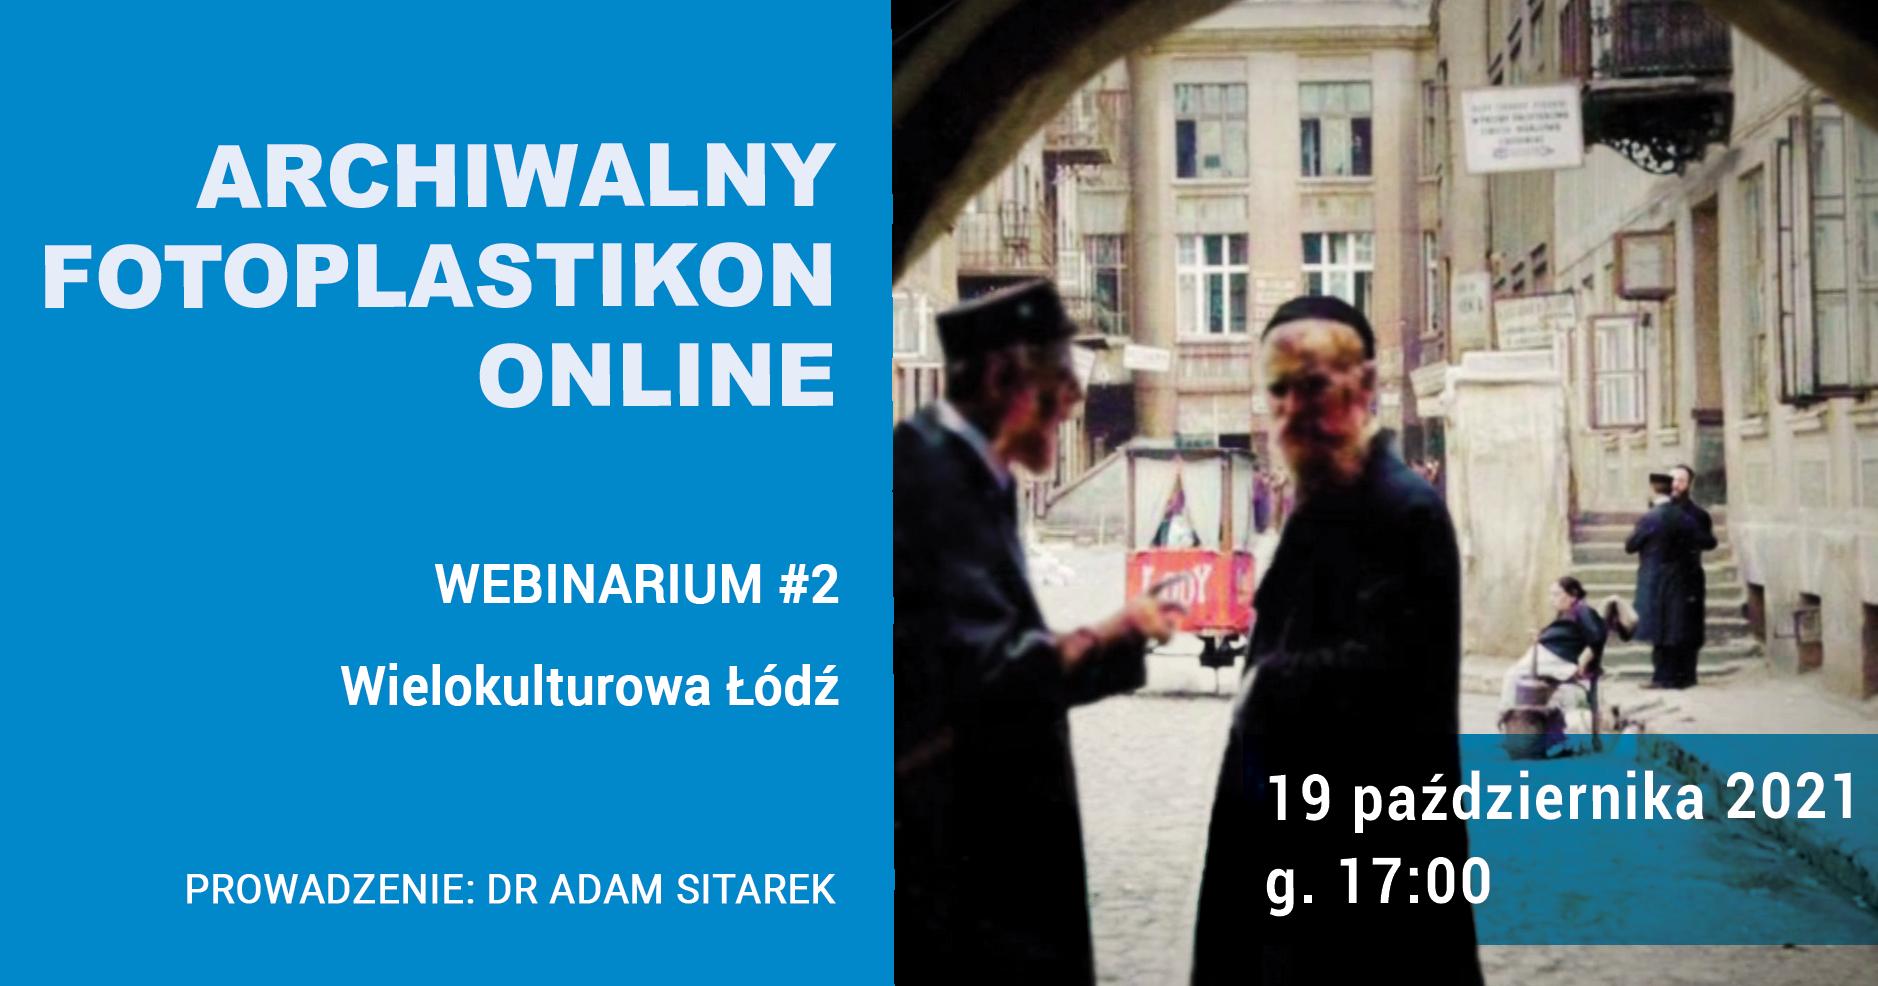 Grafika z informacjami o datach i temacie webinarium oraz widokiem przewojennego łódzkiego podwórza między kamienicami.